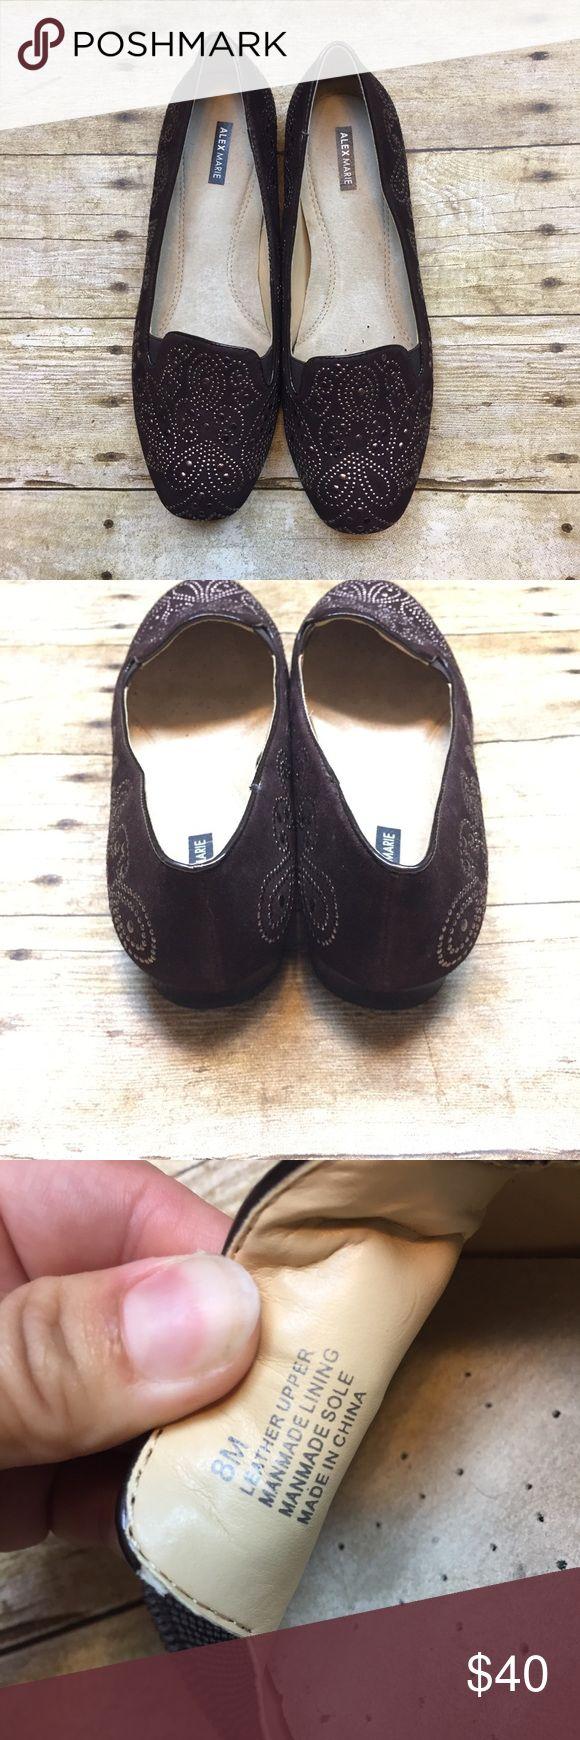 Alex Marie Leather Stud Embellished Black Loafer 8